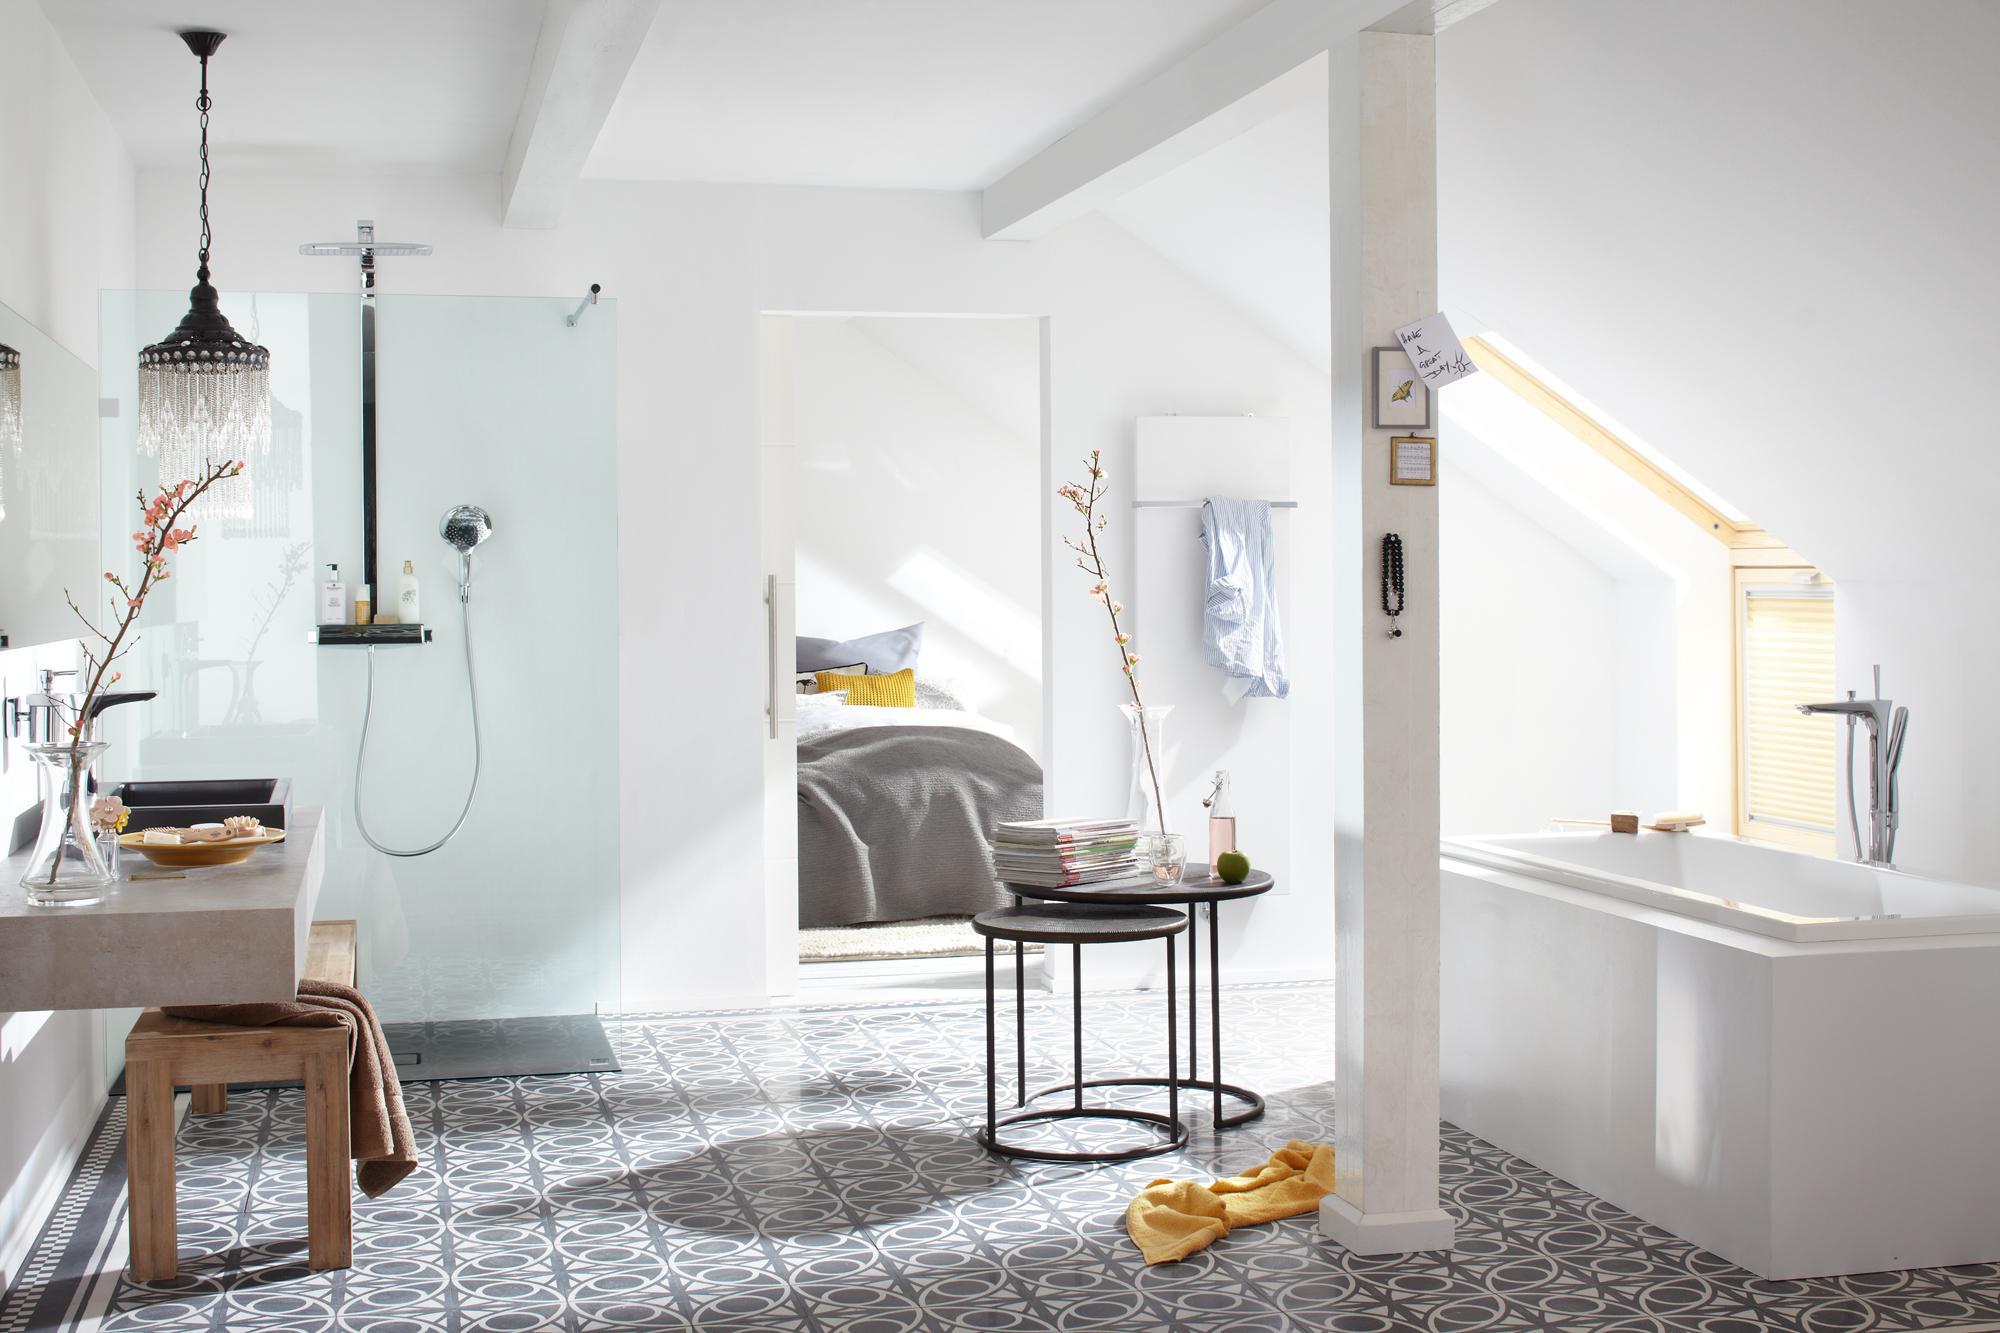 badfliesen bilder ideen couchstyle. Black Bedroom Furniture Sets. Home Design Ideas